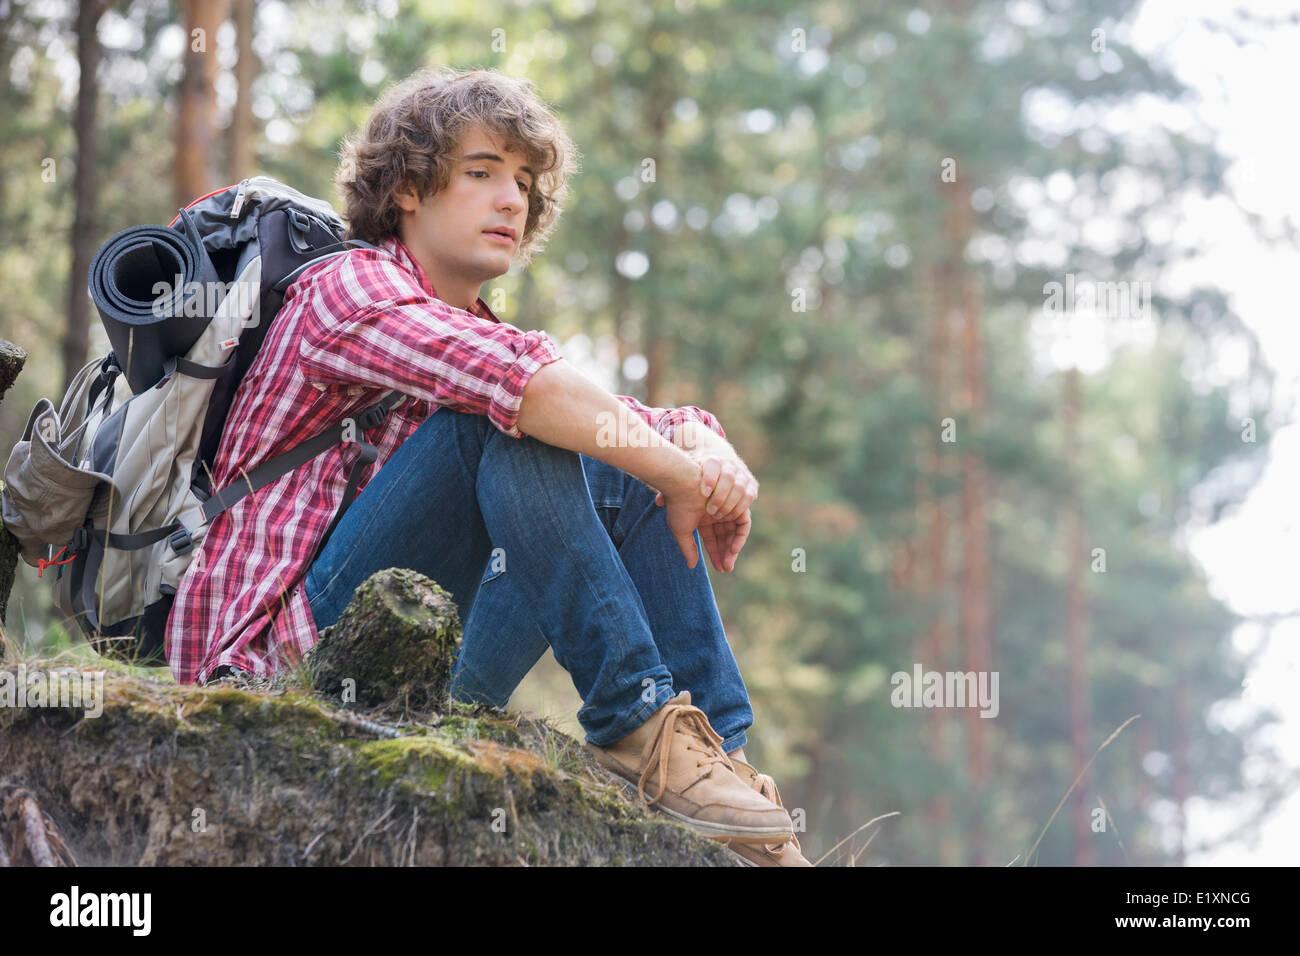 Toute la longueur de l'homme réfléchi backpacker détente sur falaise en forêt Photo Stock